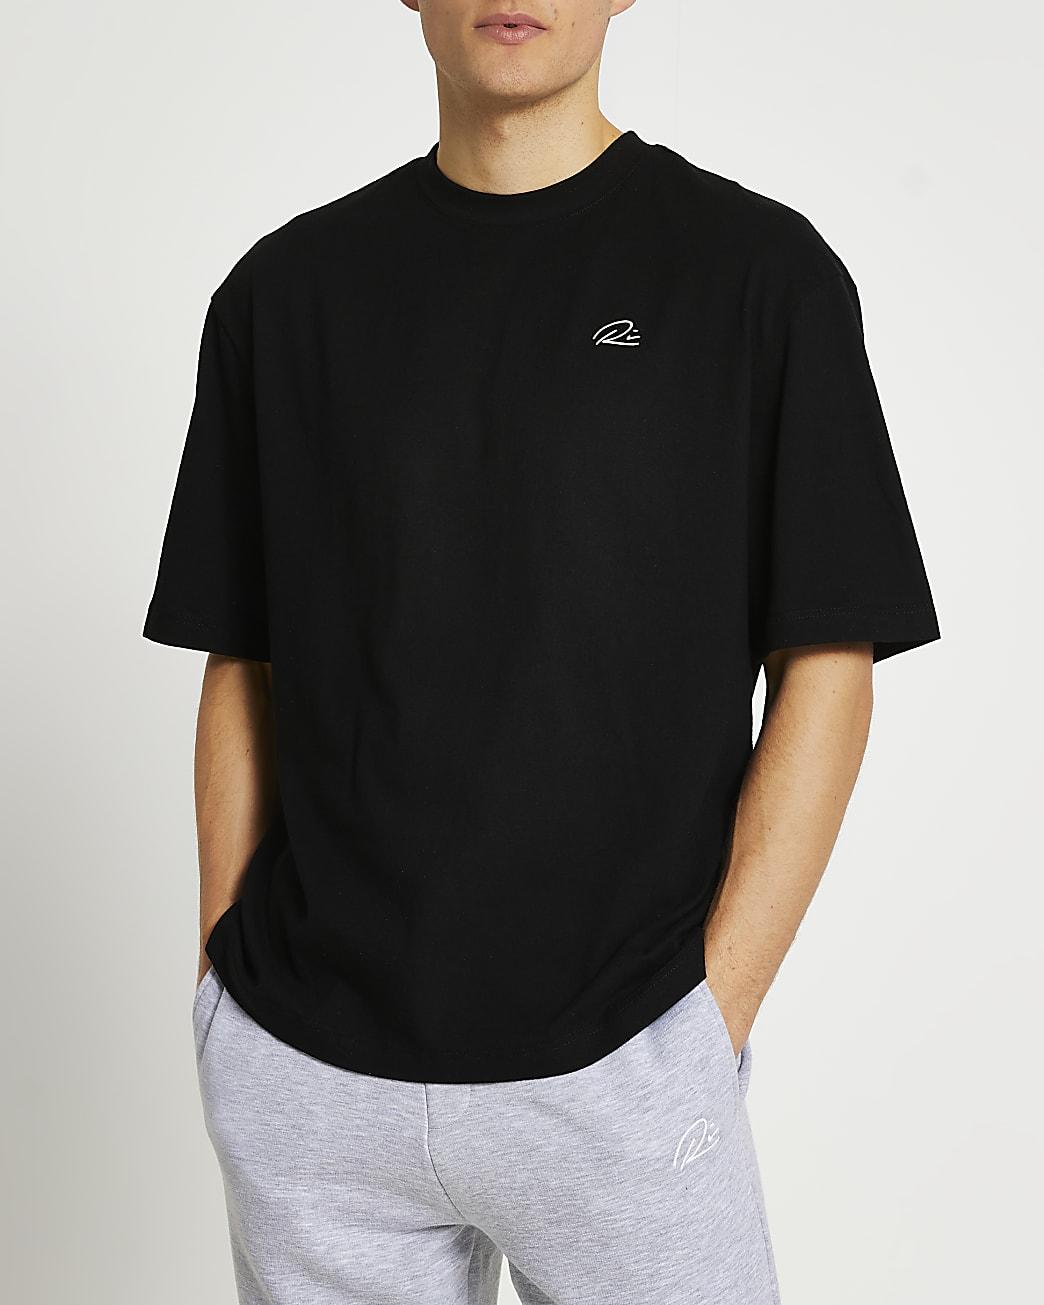 Black RI oversized t-shirt